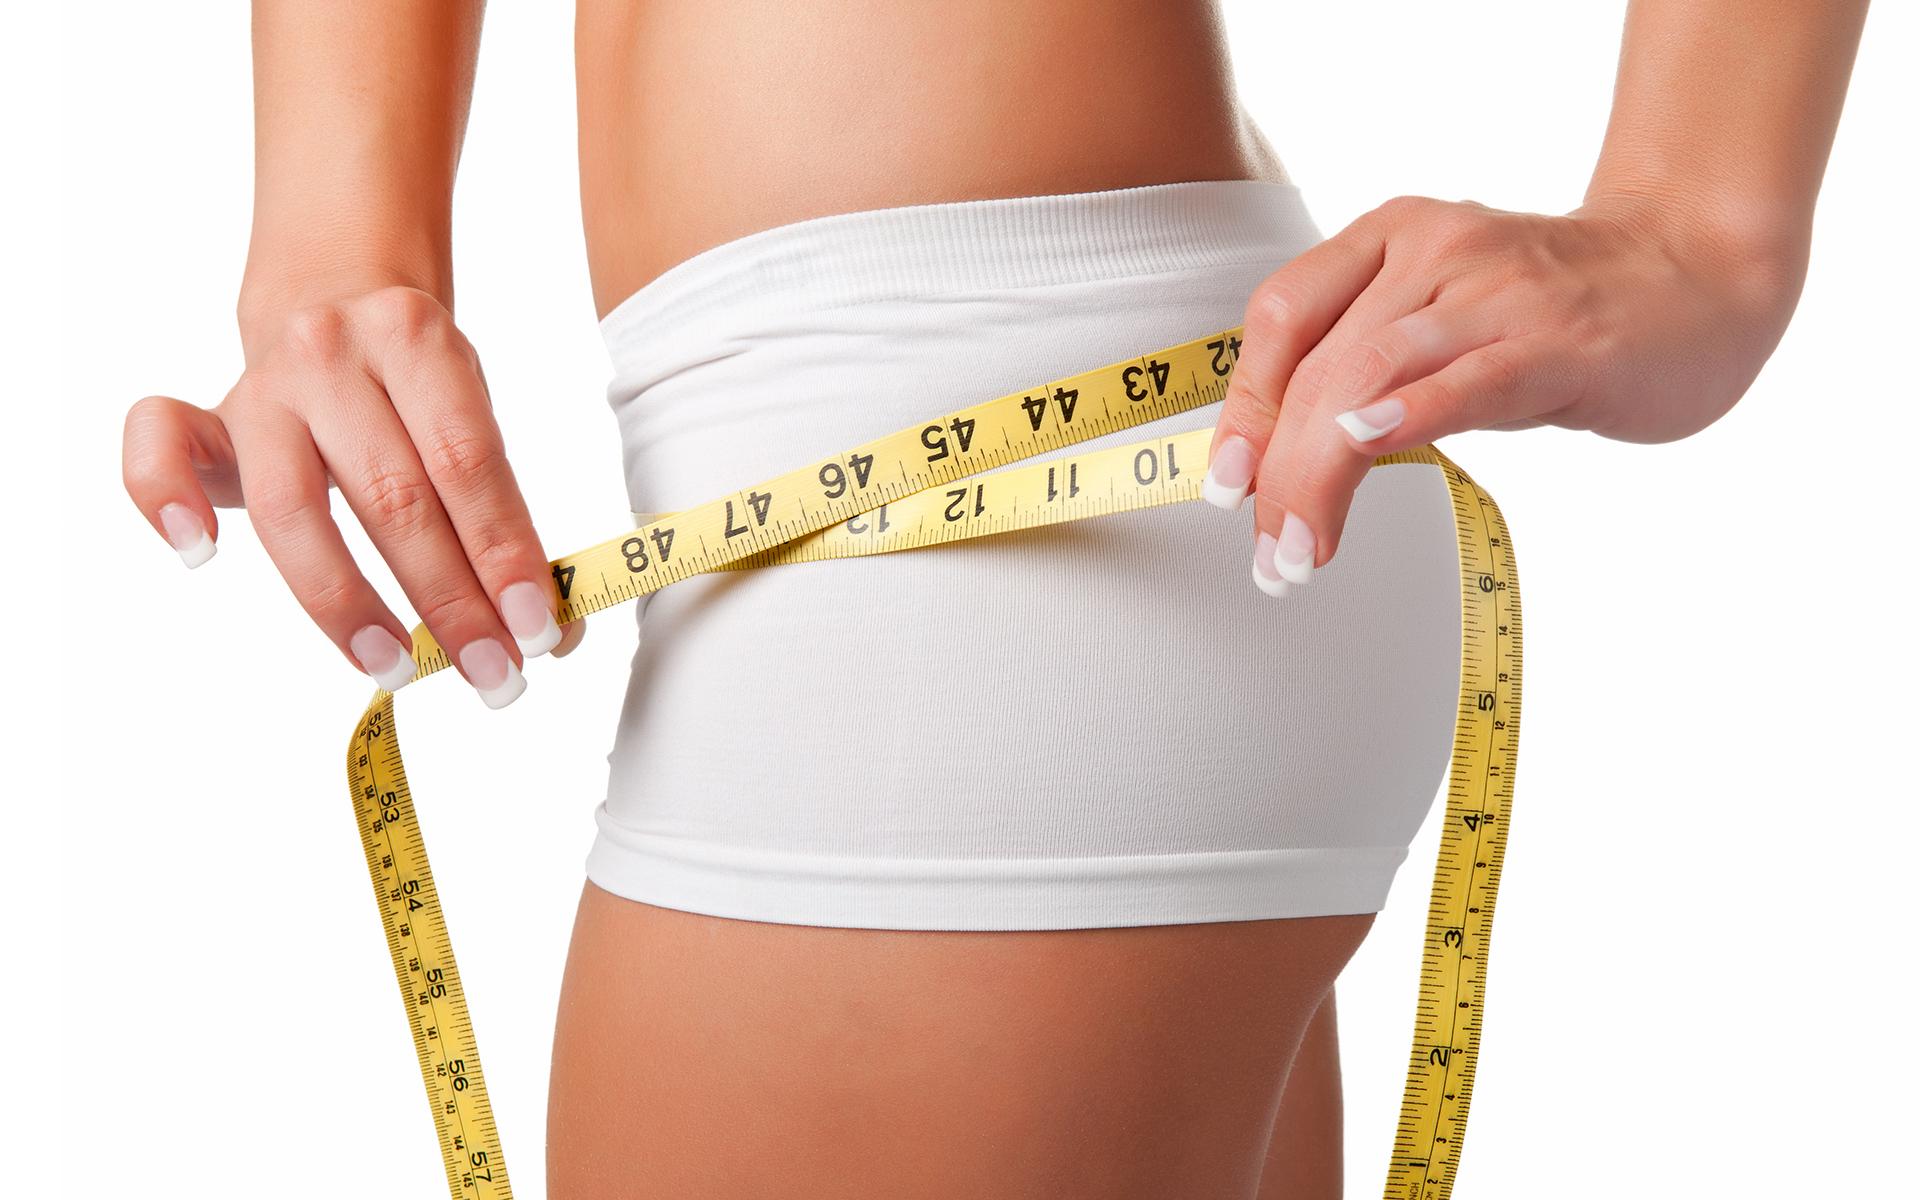 43 și doresc să slăbească pierdere în greutate metabolică omaha